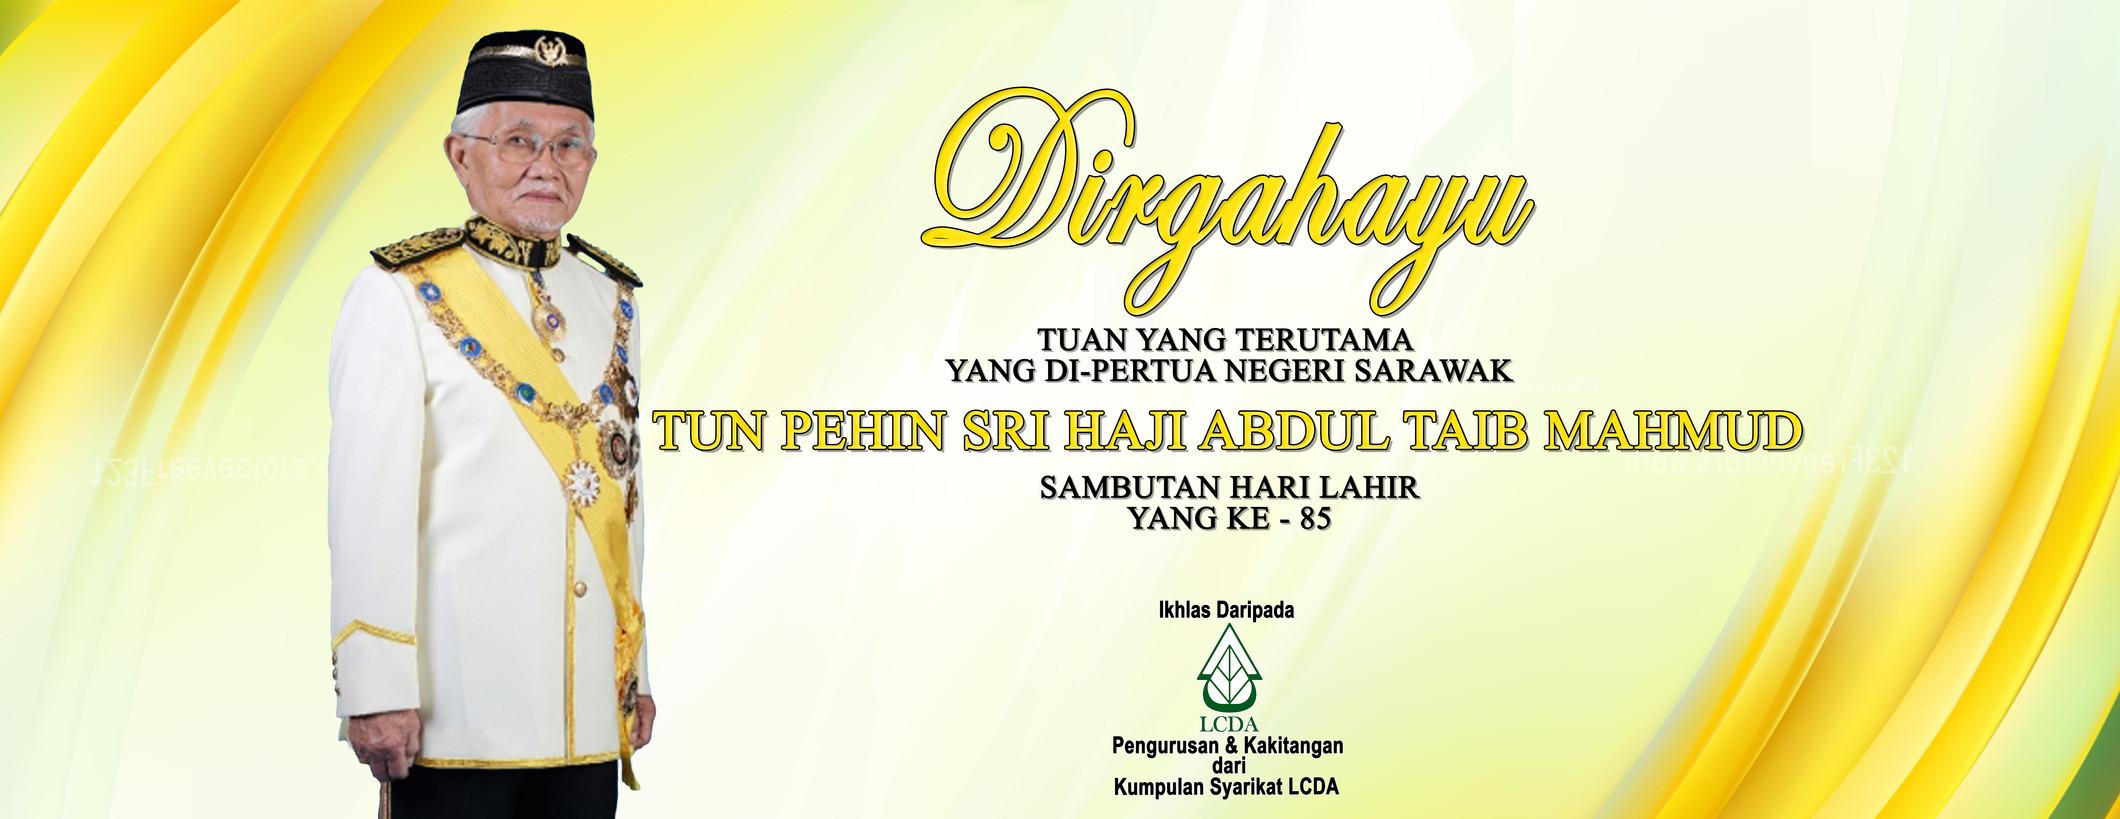 06102021 Sarawak Gabenor Birthday V3 copy.jpg